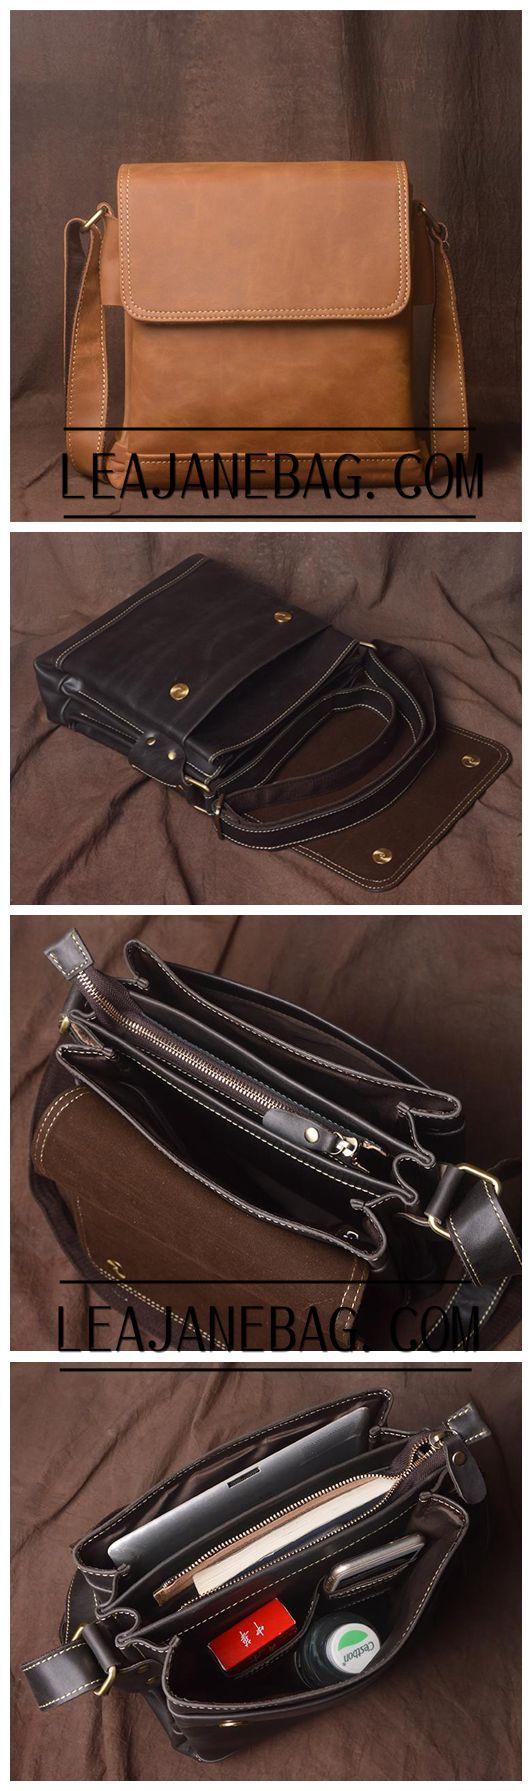 Genuine Leather Messenger Bag, Leather Crossbody Bag for Men, JZ013